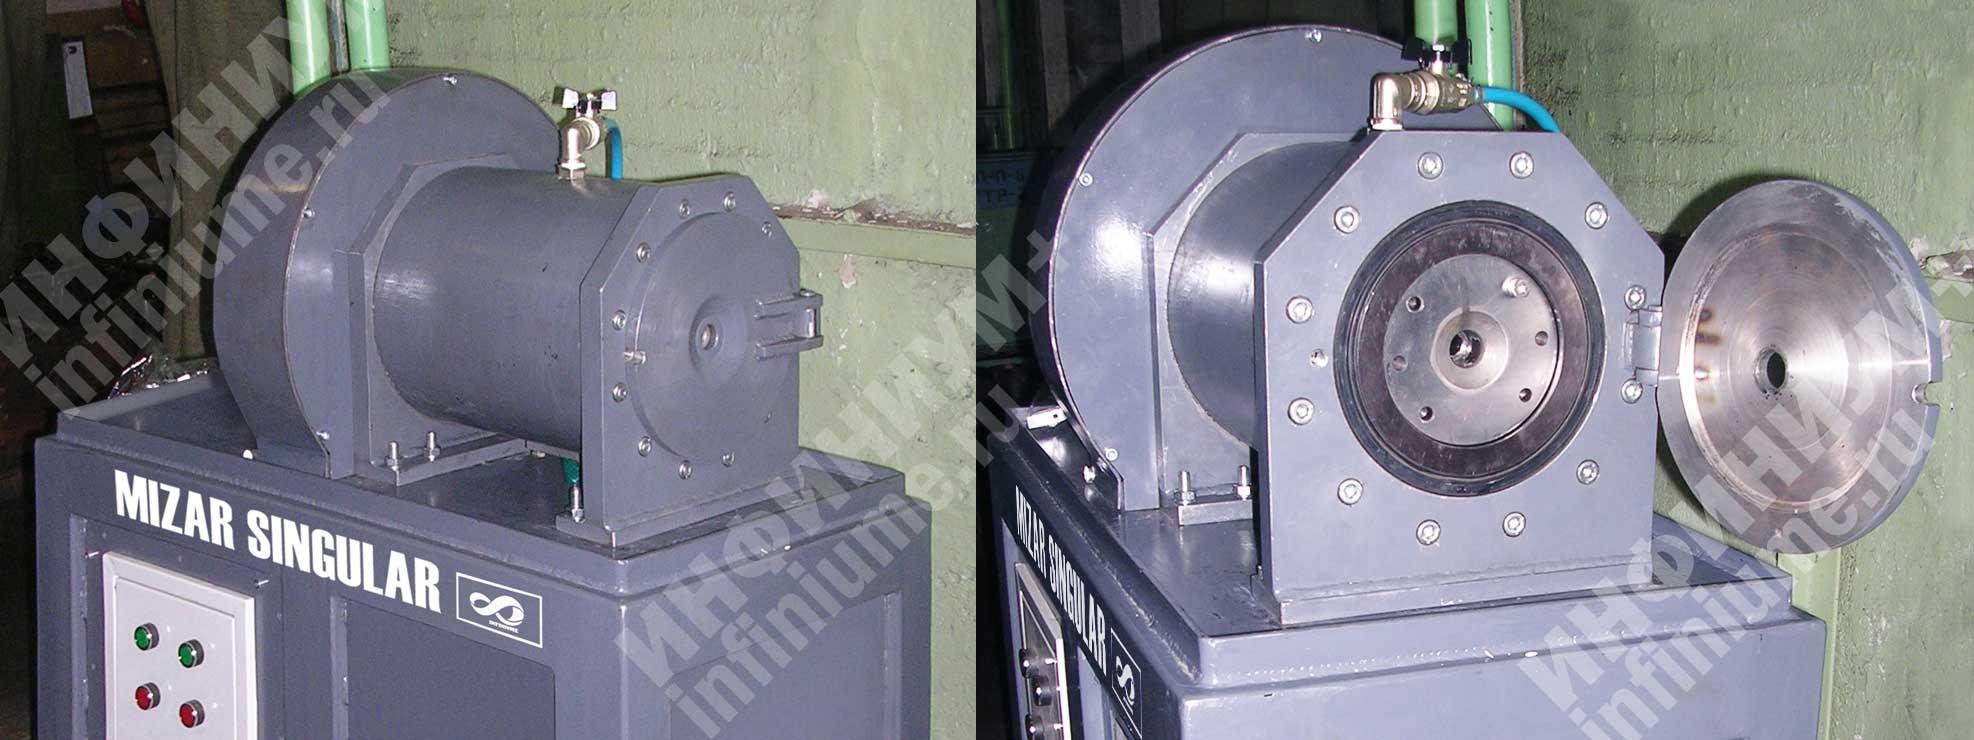 MIZAR SINGULAR промышленный станок ротационной ковки